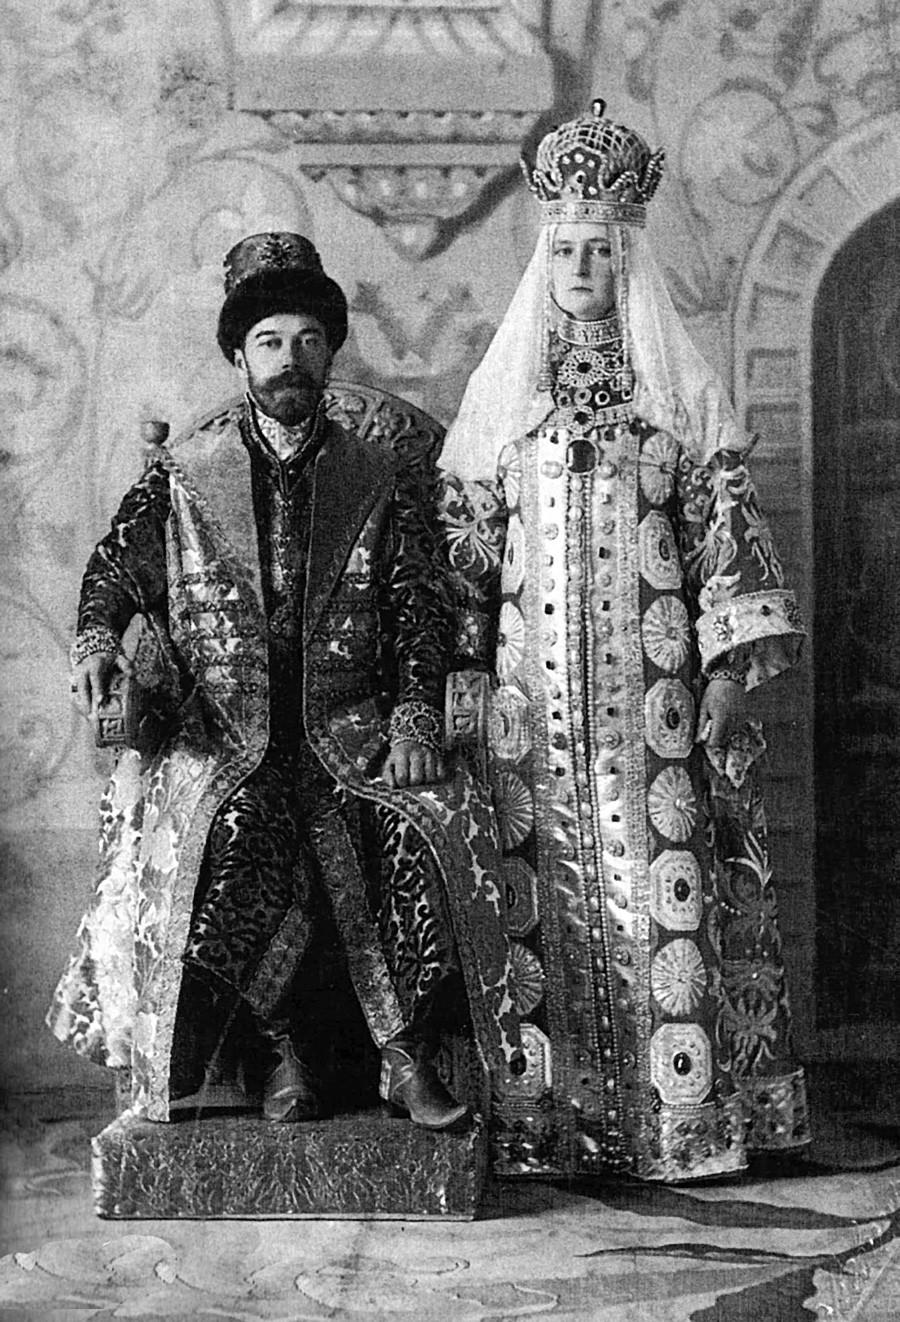 Lo zar Nicola II e la moglie Aleksandra Fyodorovna nel giorno del 300esimo anniversario della dinastia Romanov, 1913